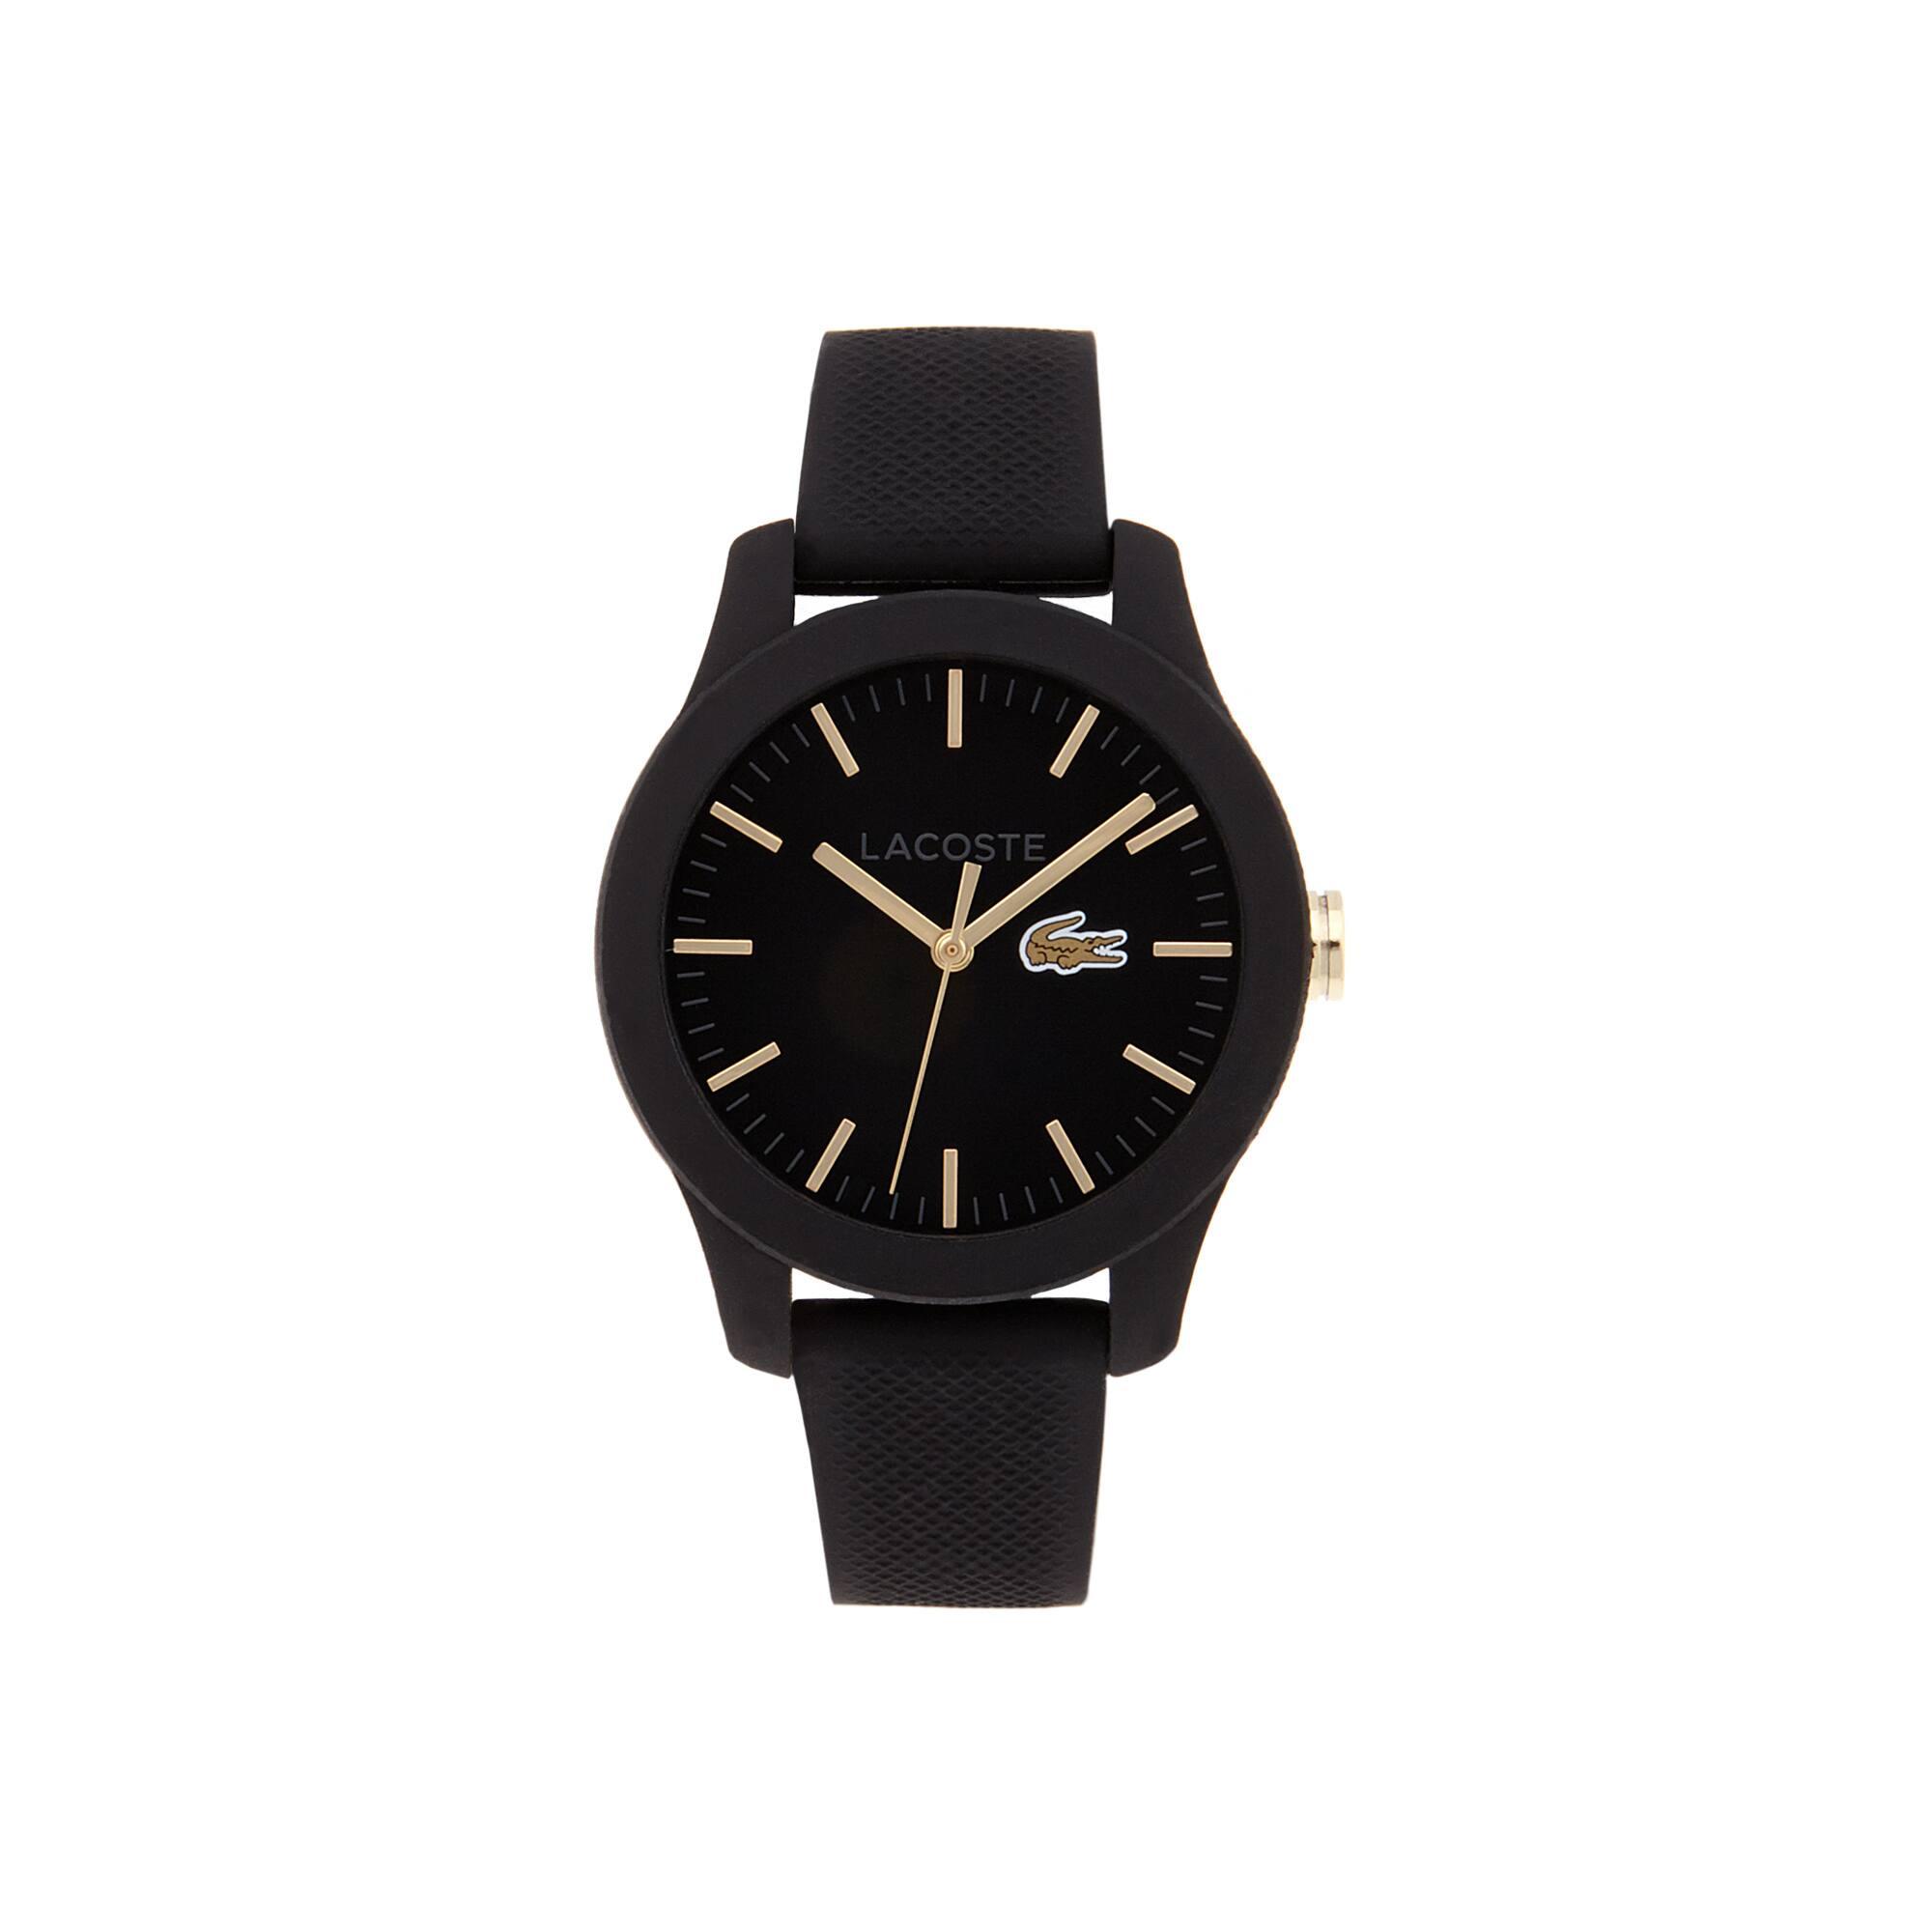 Uhr Lacoste.12.12 mit schwarzer Silikonbeschichtung und schwarzem Silikonarmband und gelbgold IP Akz